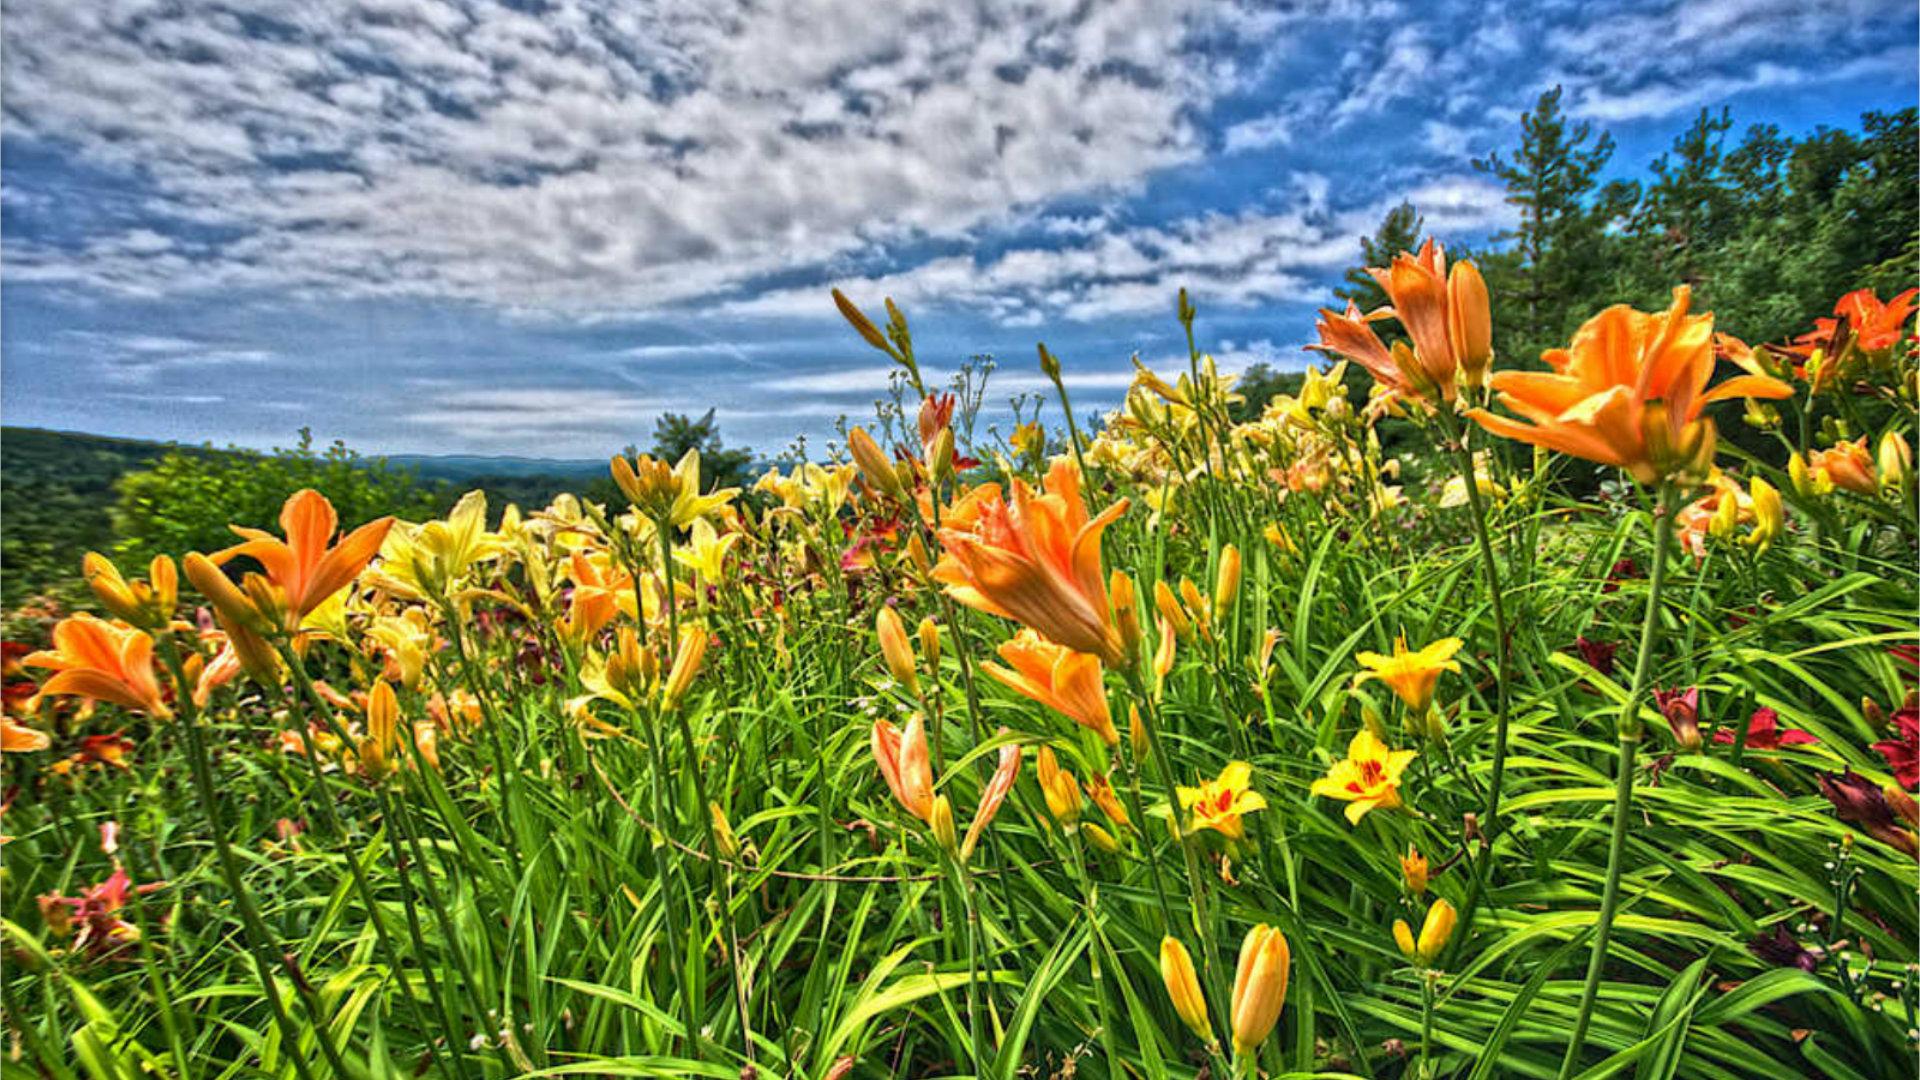 #Plantes Cours 2 - Remèdes : Savoir utiliser les plantes médicinales